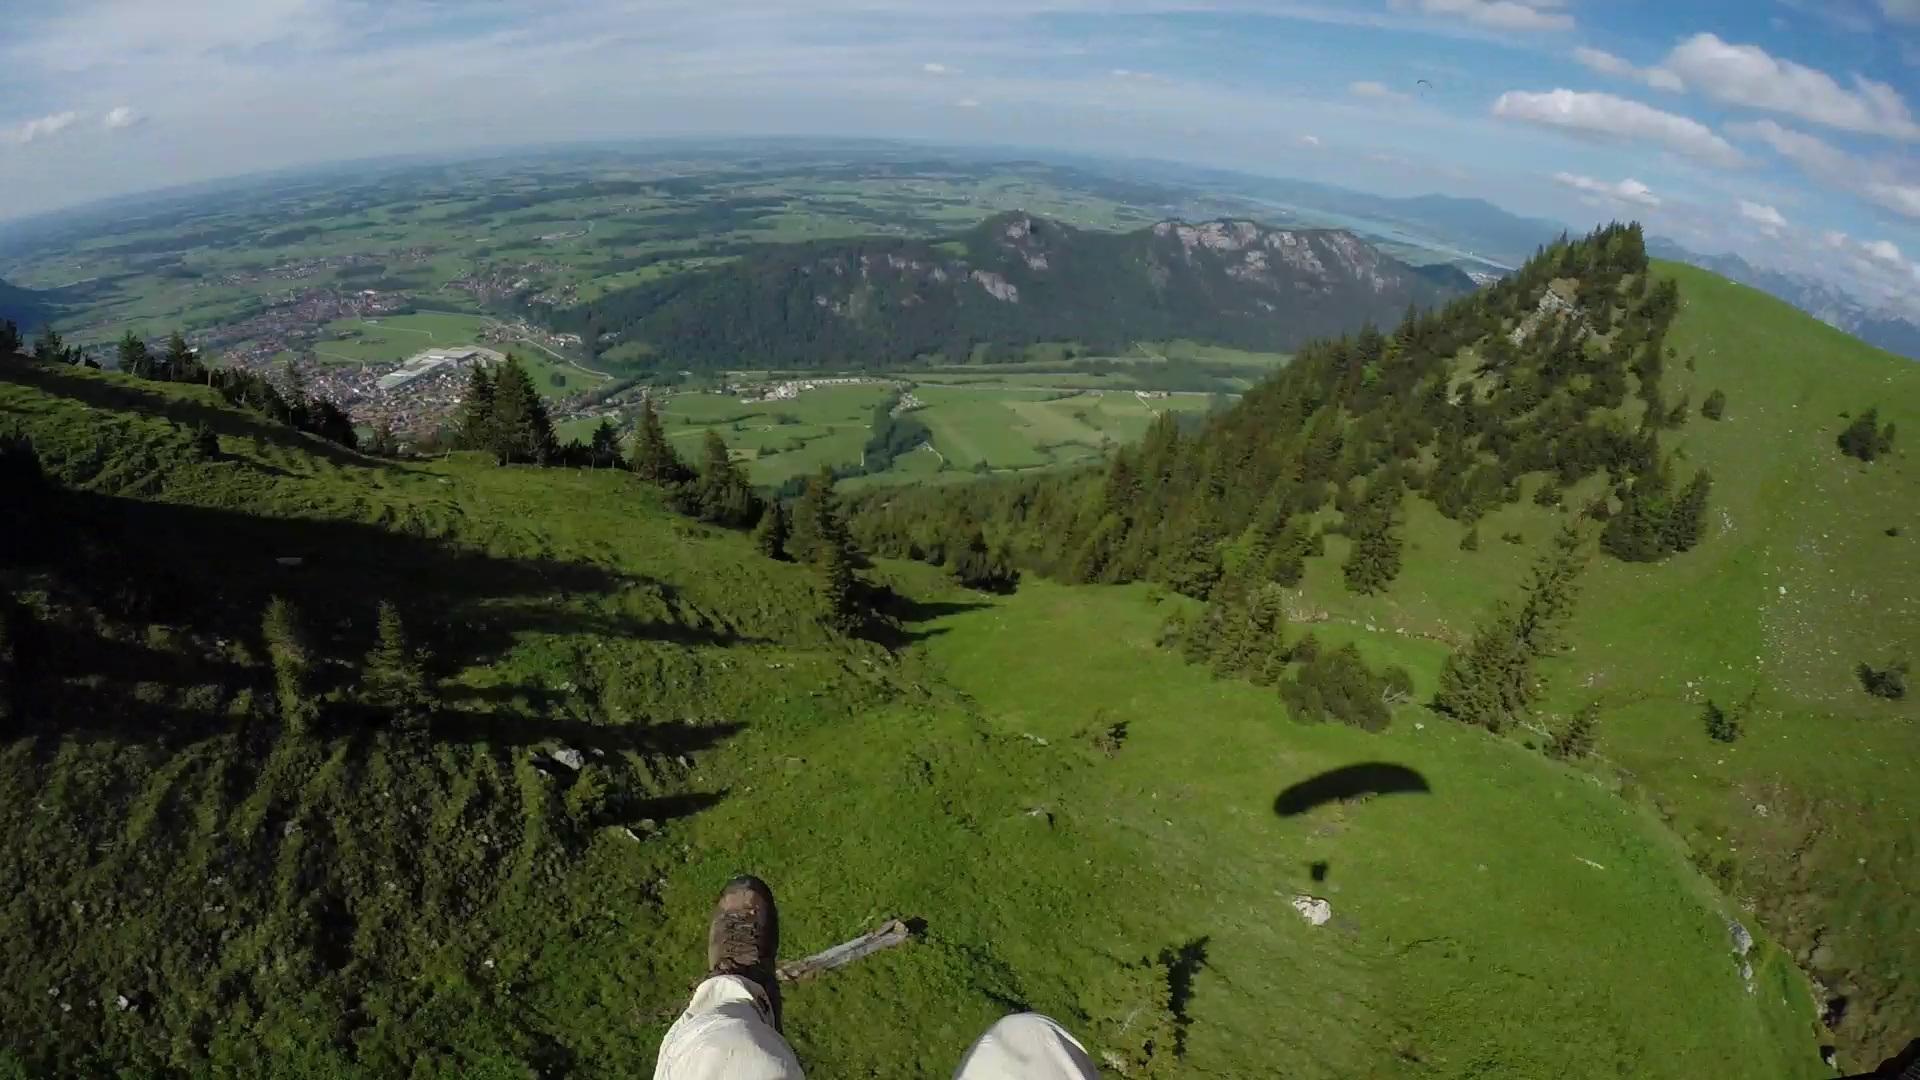 Paragliding at Breitenberg